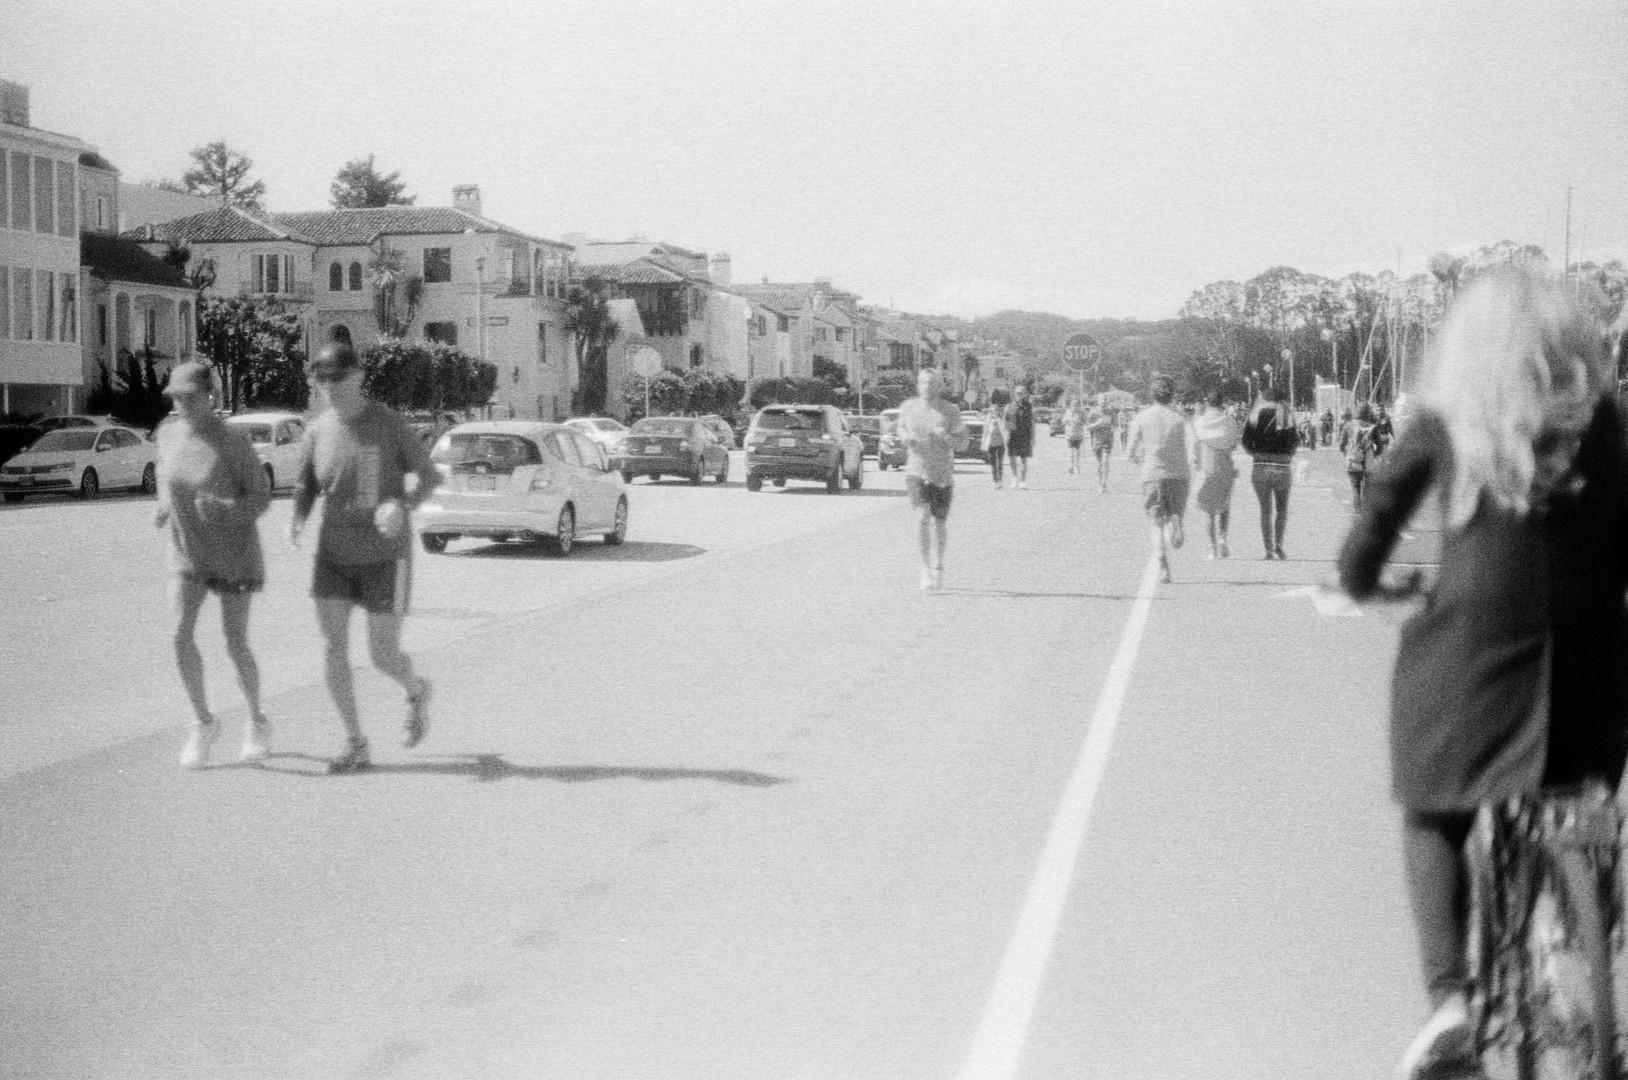 Runners_In_San_Francisco-3.jpg